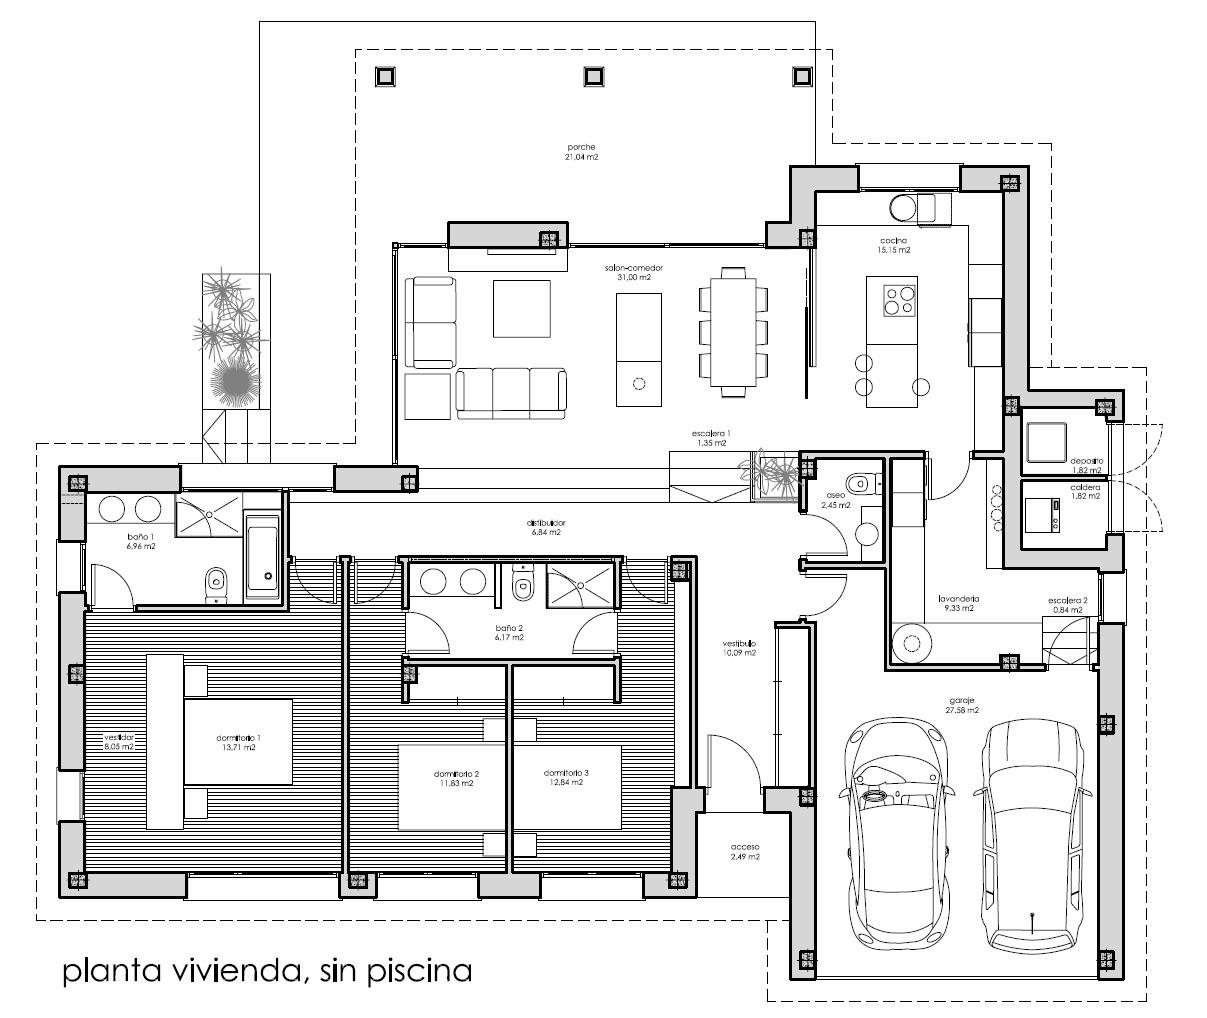 piscina ad arquitectura